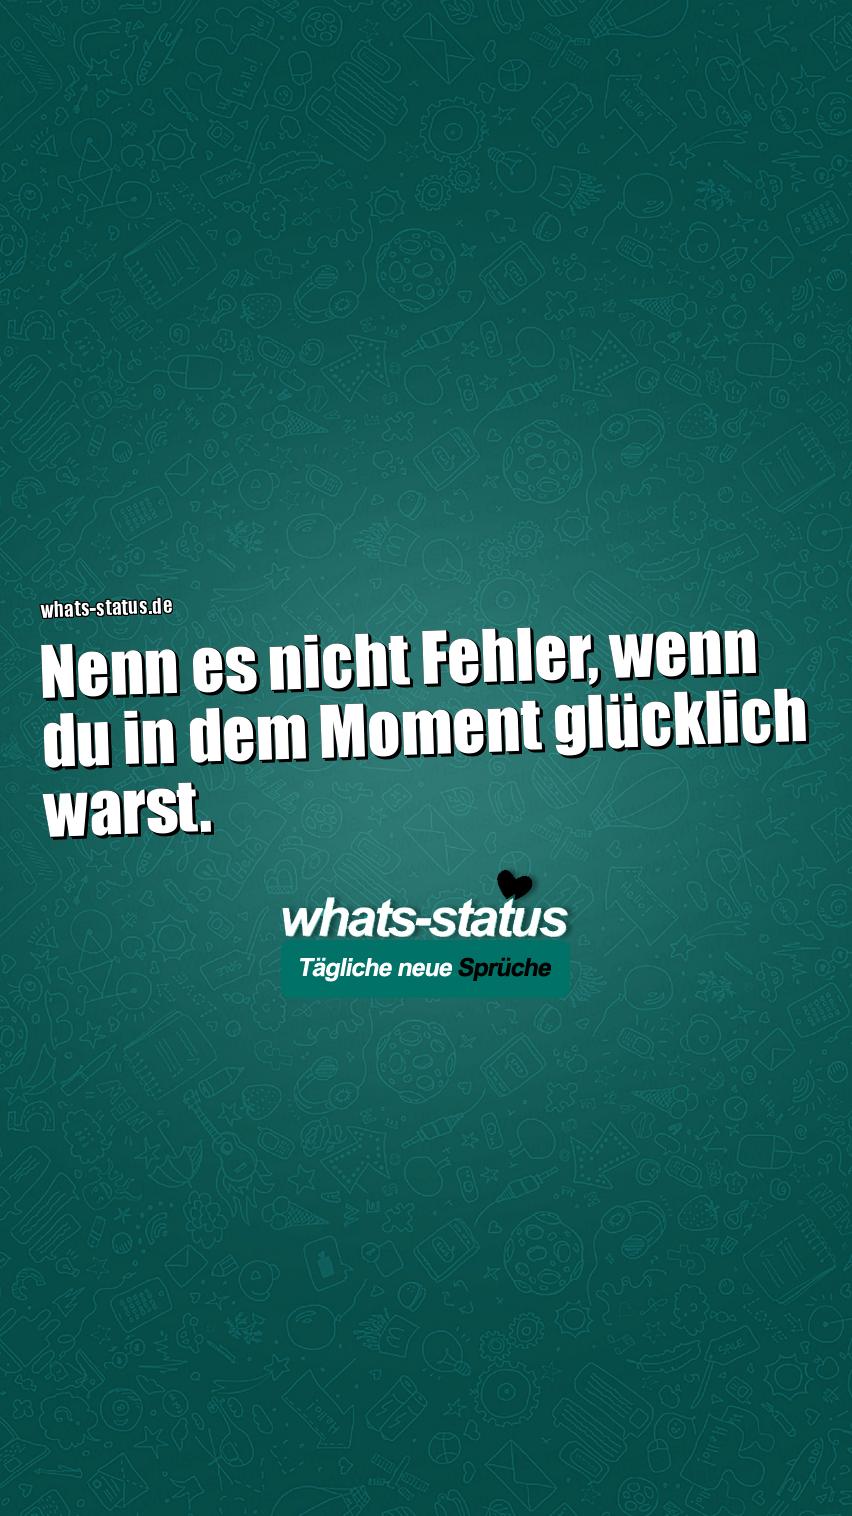 whatsapp status glücklich